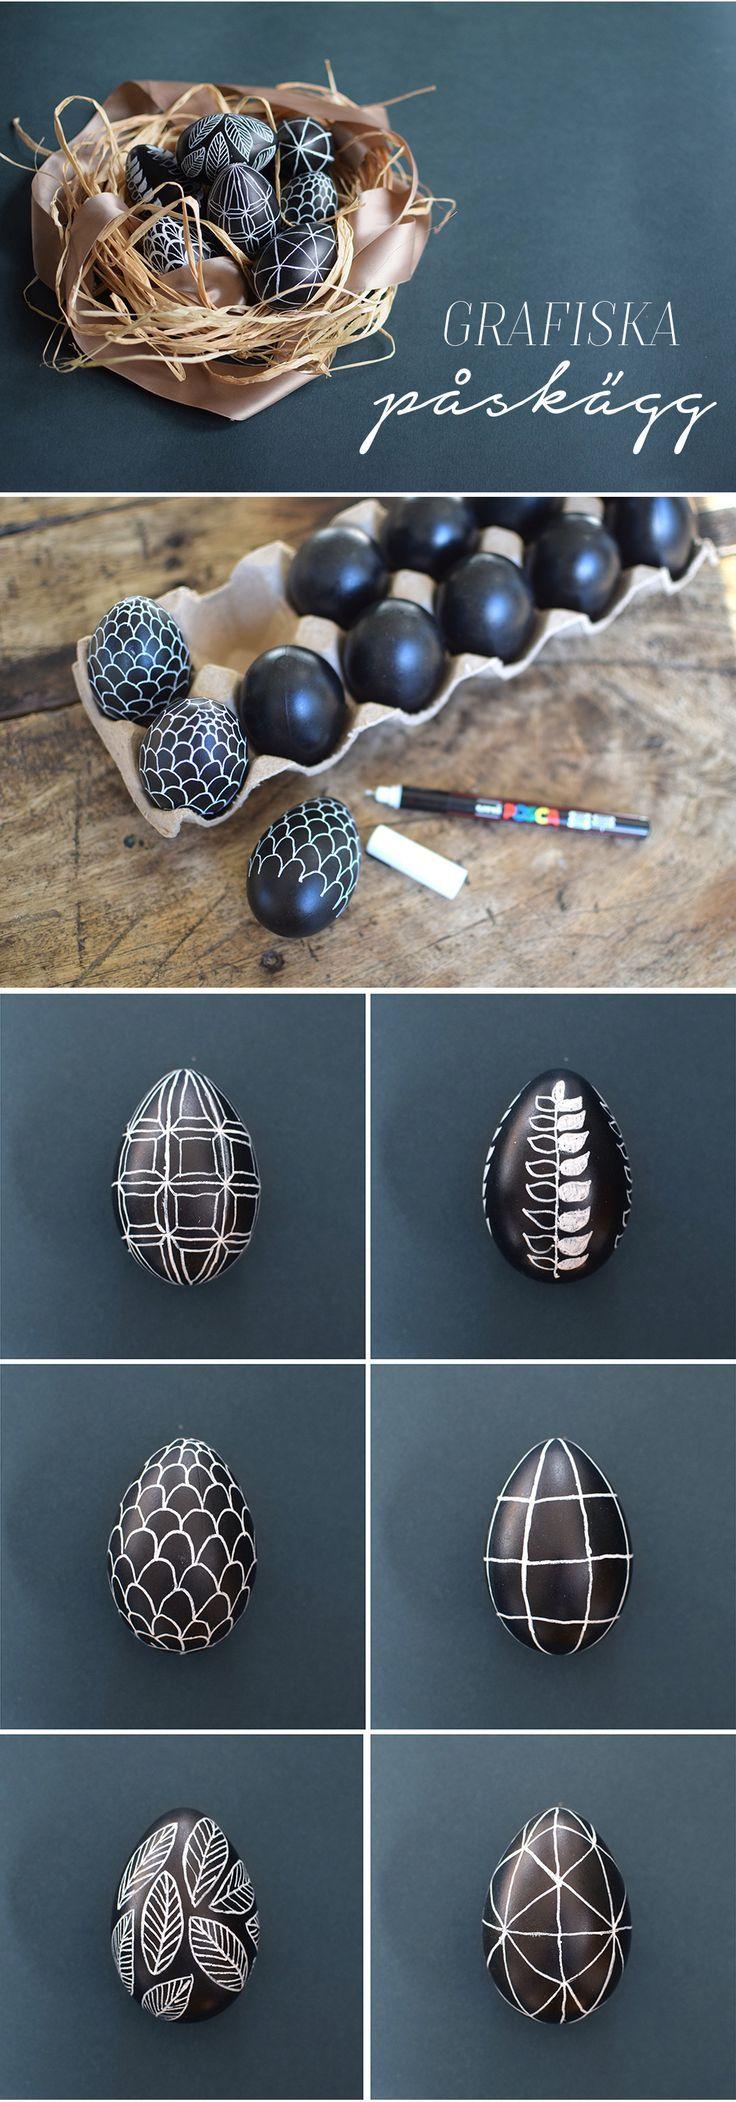 Ostern, Ostereier zeichnen. Eastercrafts, zeichne grafische Muster auf Eastereggs, Easter diy @helenalyth #easter